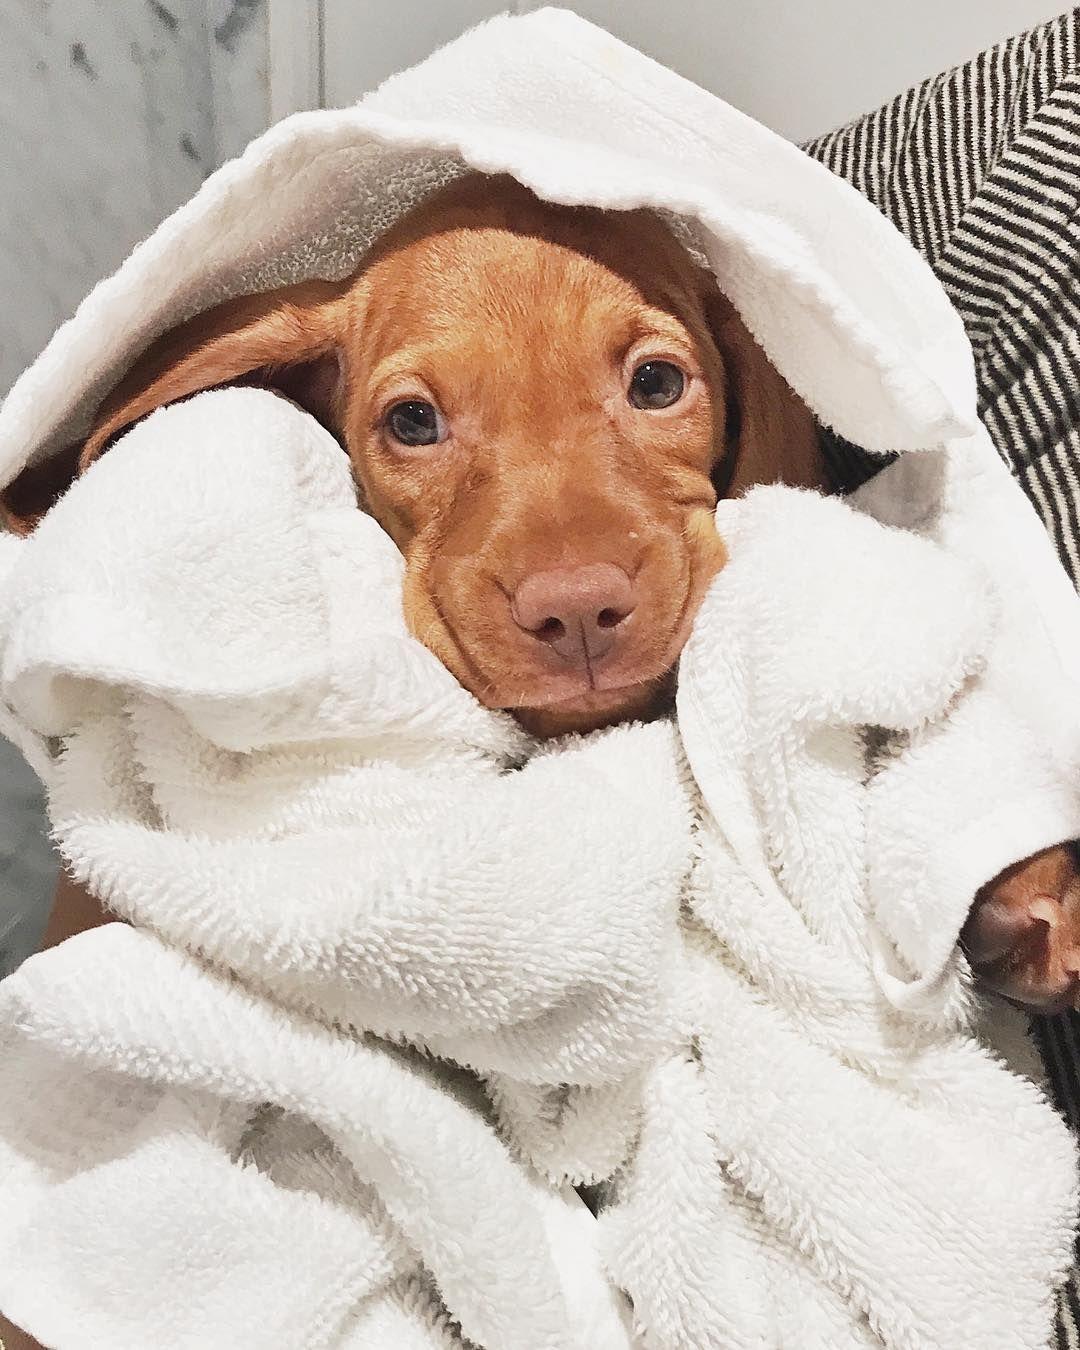 Bathtime Is The Best Time Vizsla Puppies Vizsla Dogs Puppies